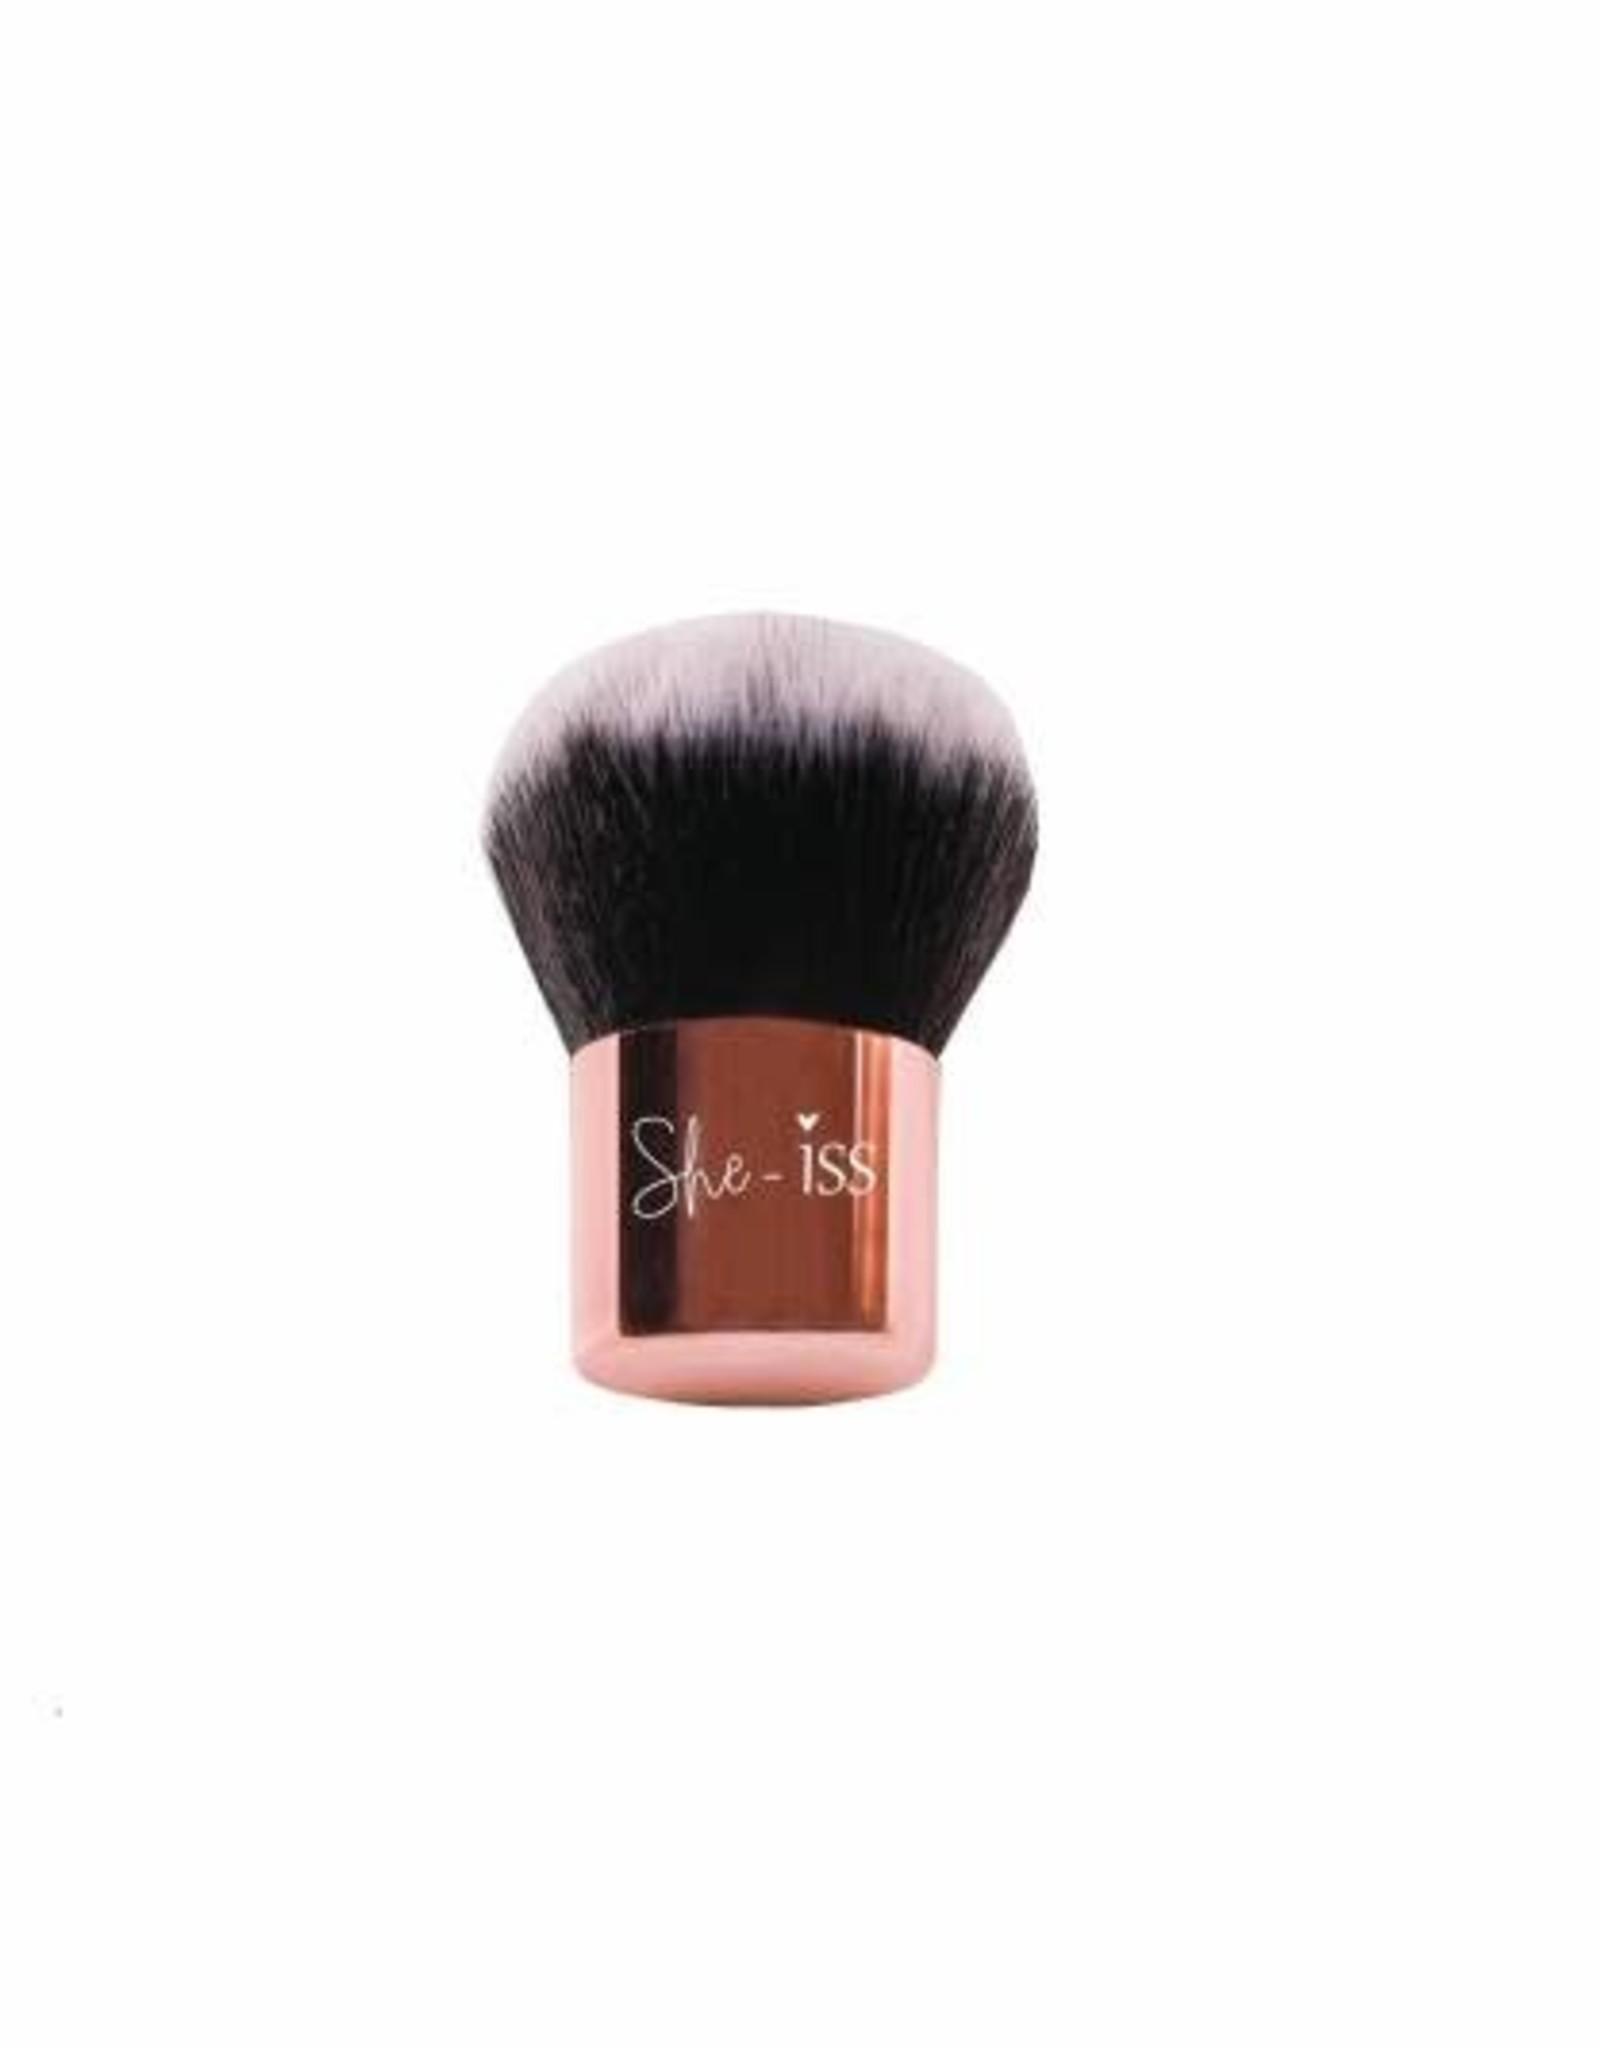 She-Iss - Kabuki brush